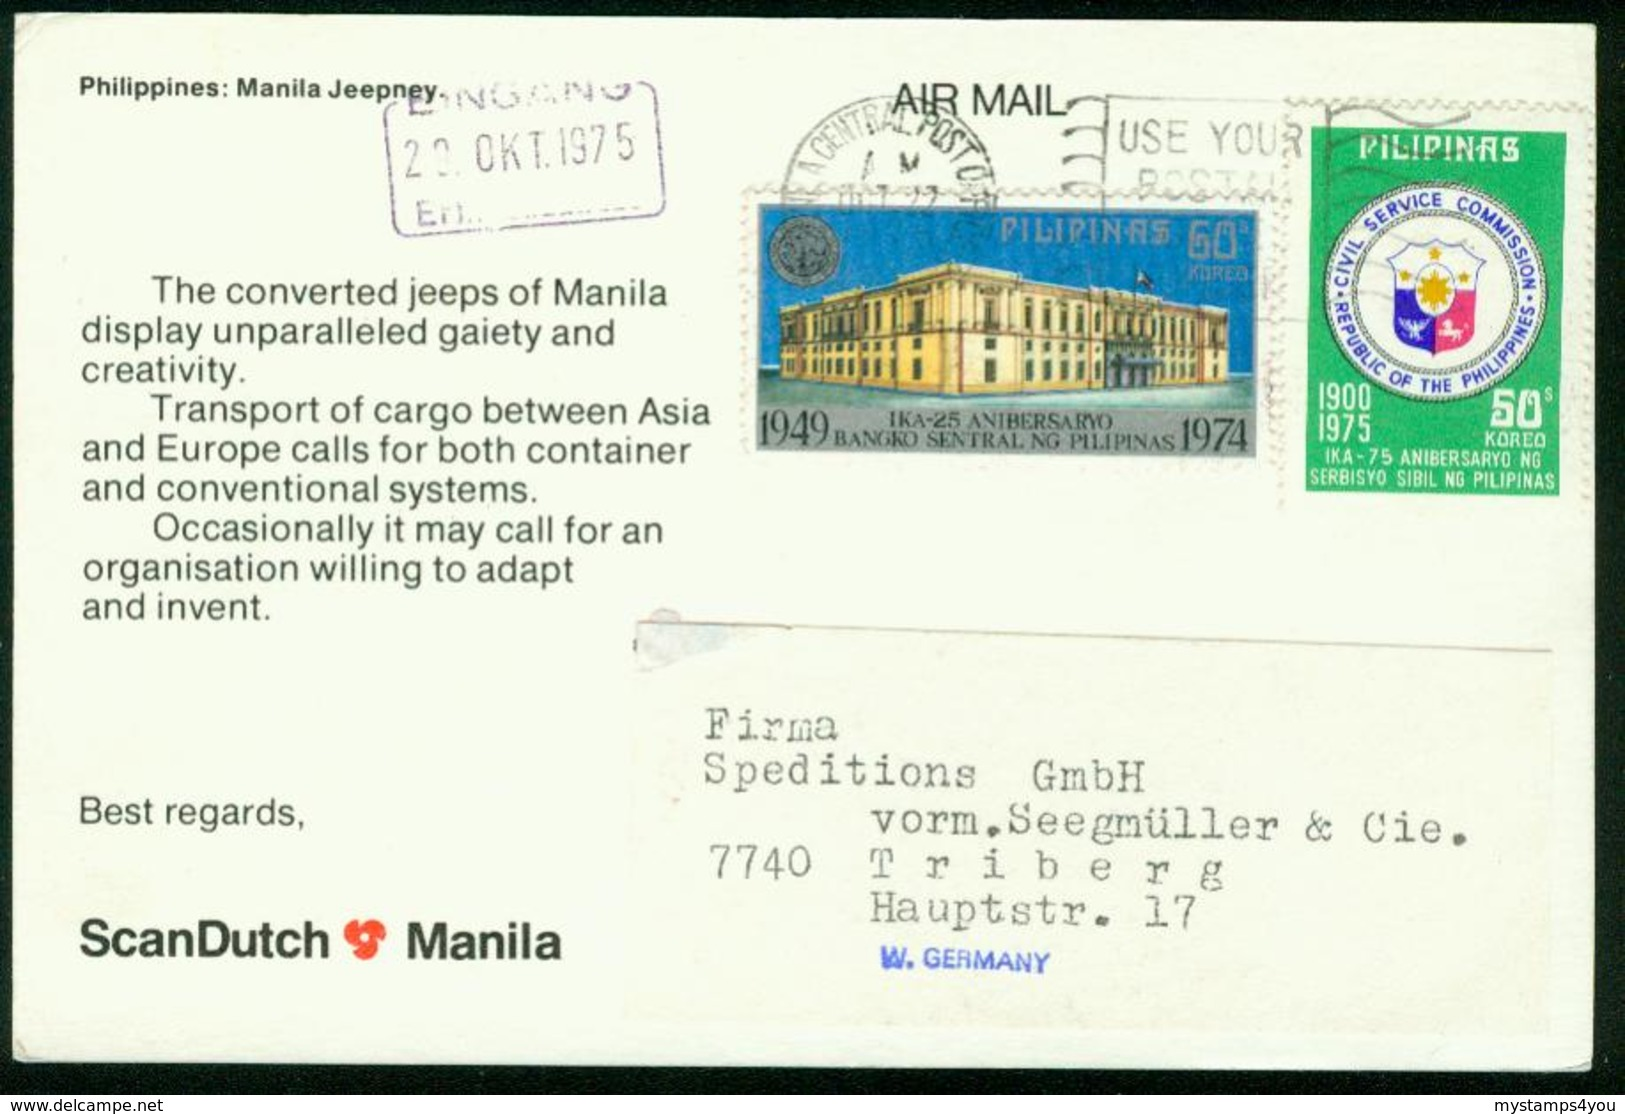 AKx Auto   Manila Jeepney, Philippinen, Jeep, Kleinbus, Sammeltaxi - Taxi & Carrozzelle